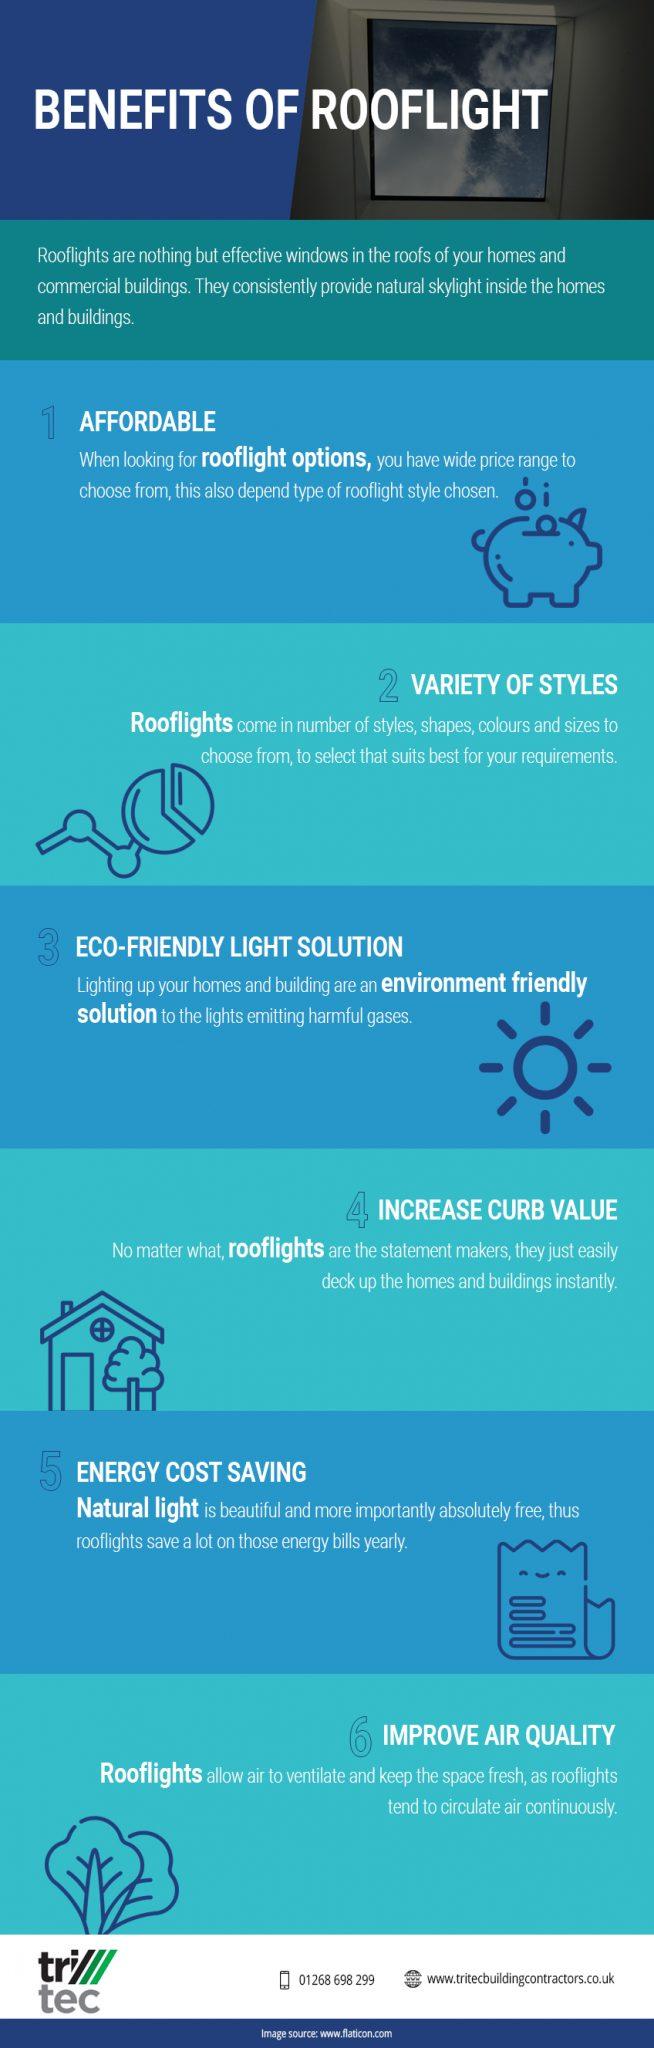 benefits of rooflight